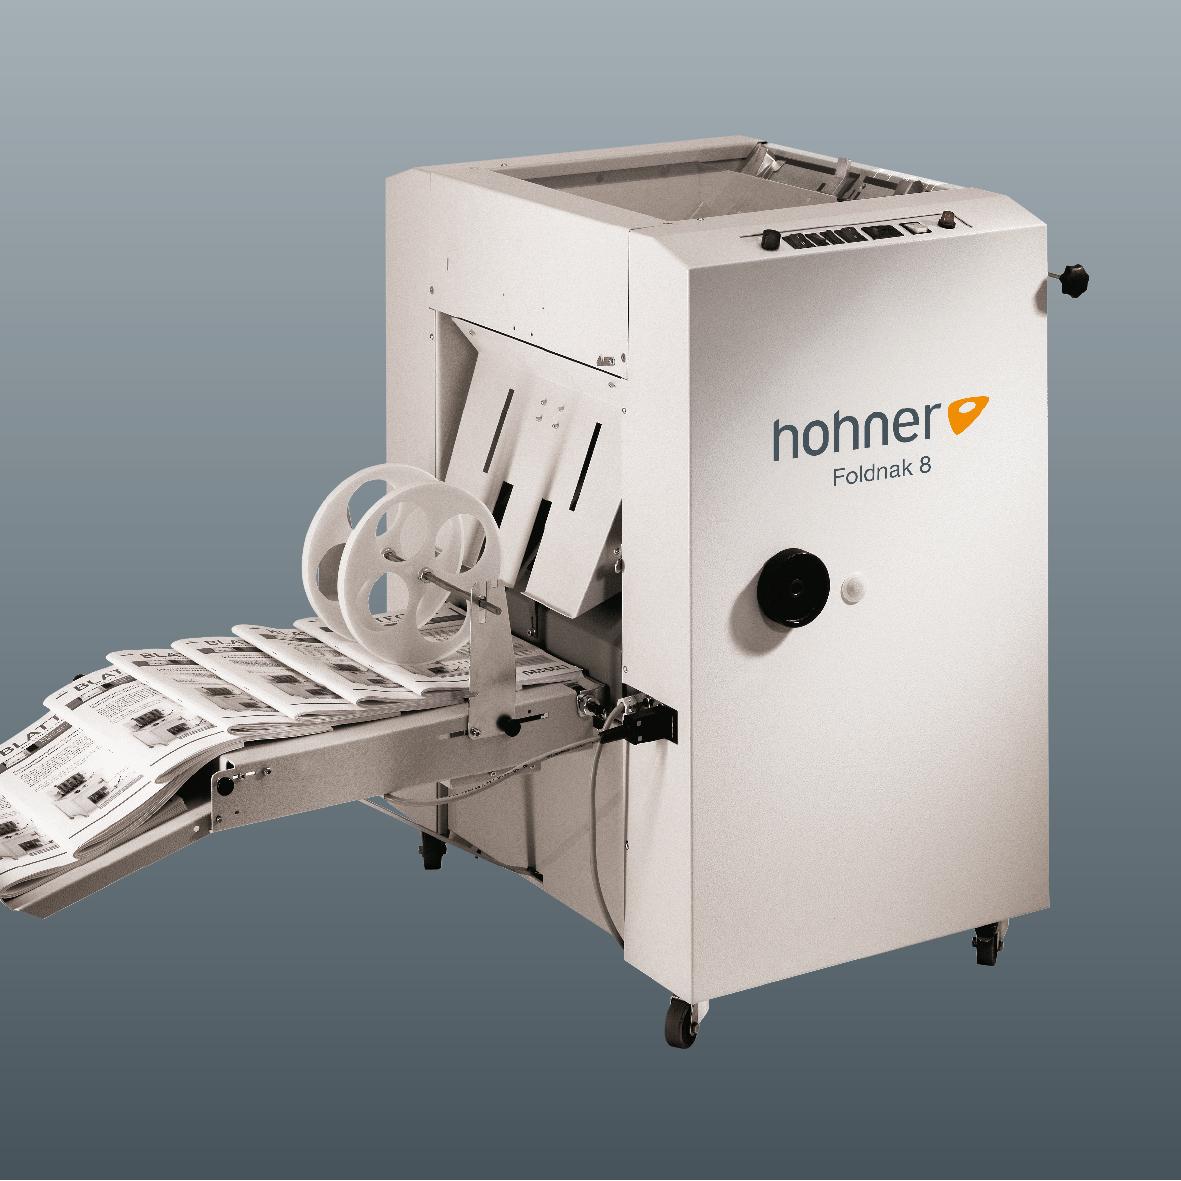 Hohner 8 Bookletmaker